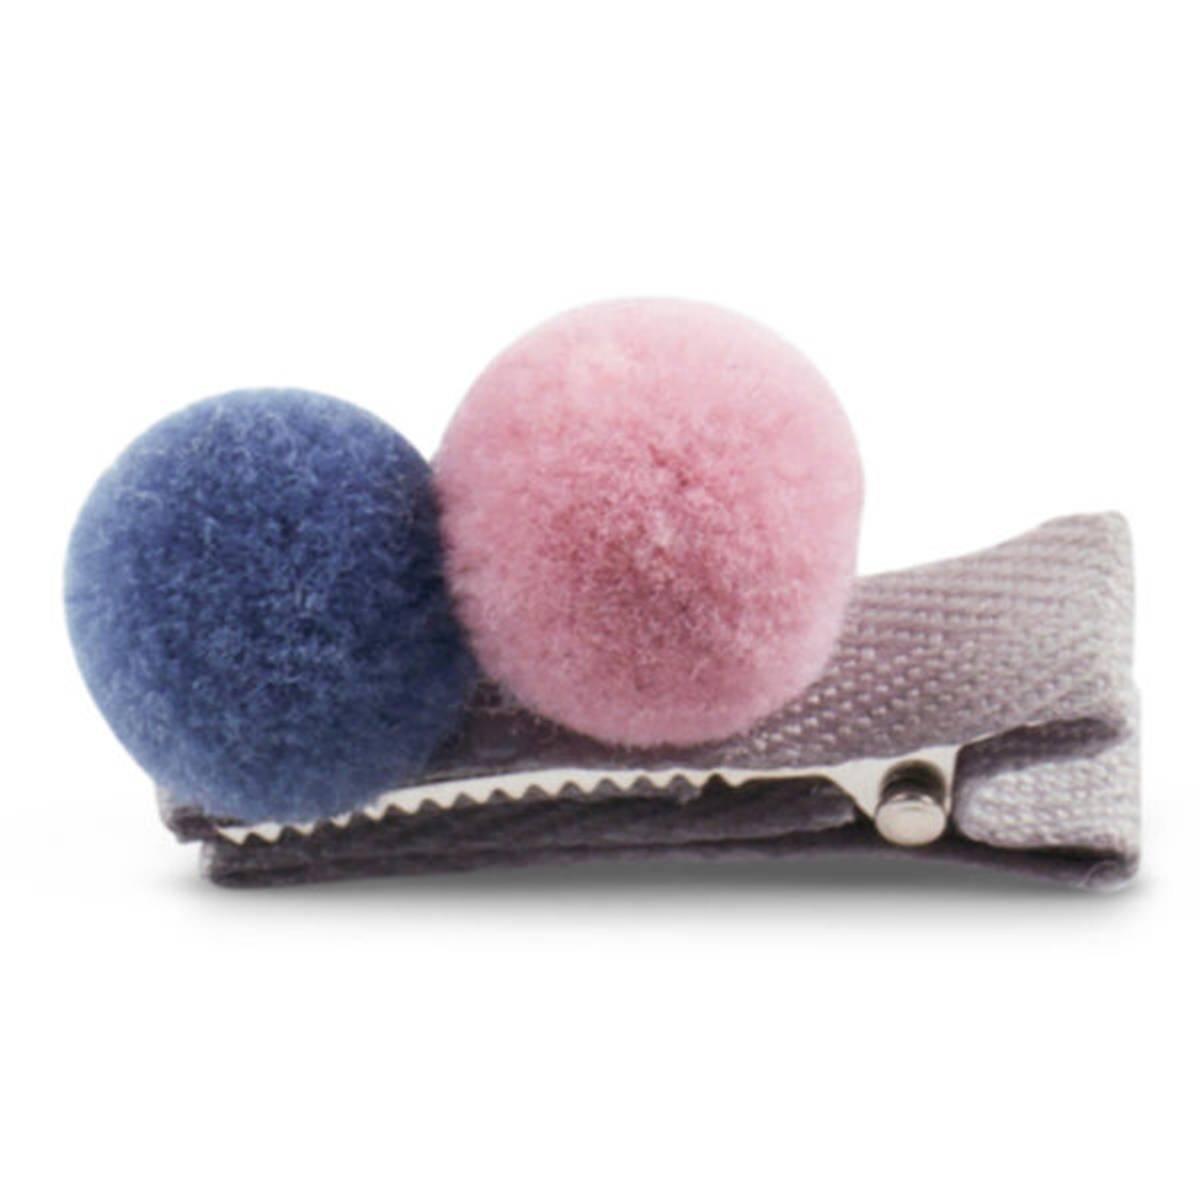 Lillelam hårspenne 2 pompom- blå og rosa